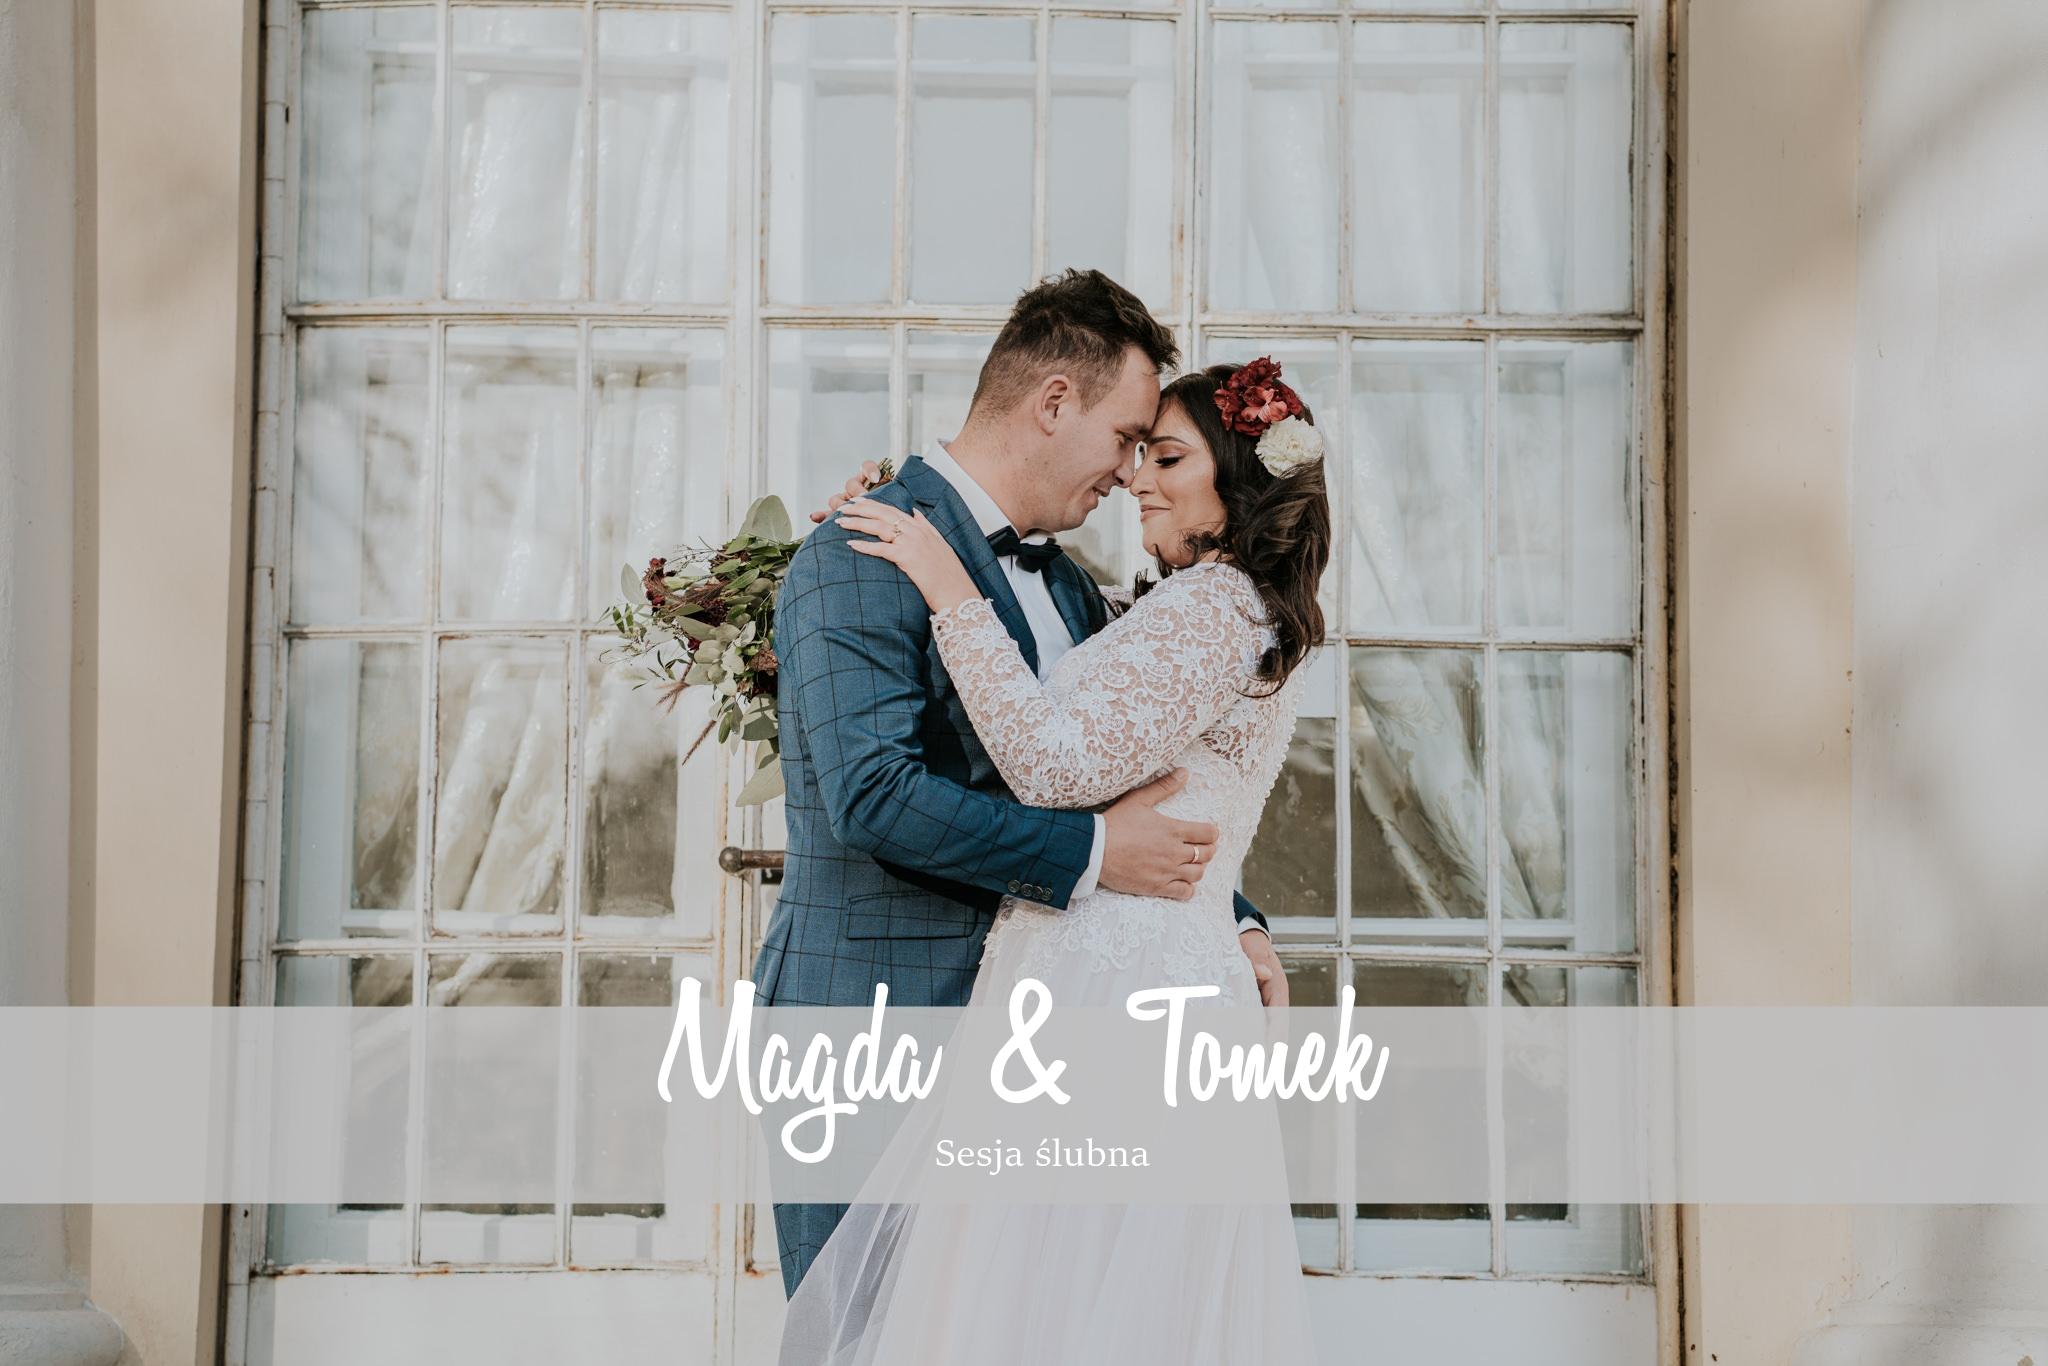 Sesja Ślubna Zespół pałacowo-parkowy   Rejowiec   Magda & Tomek   3.11.2019